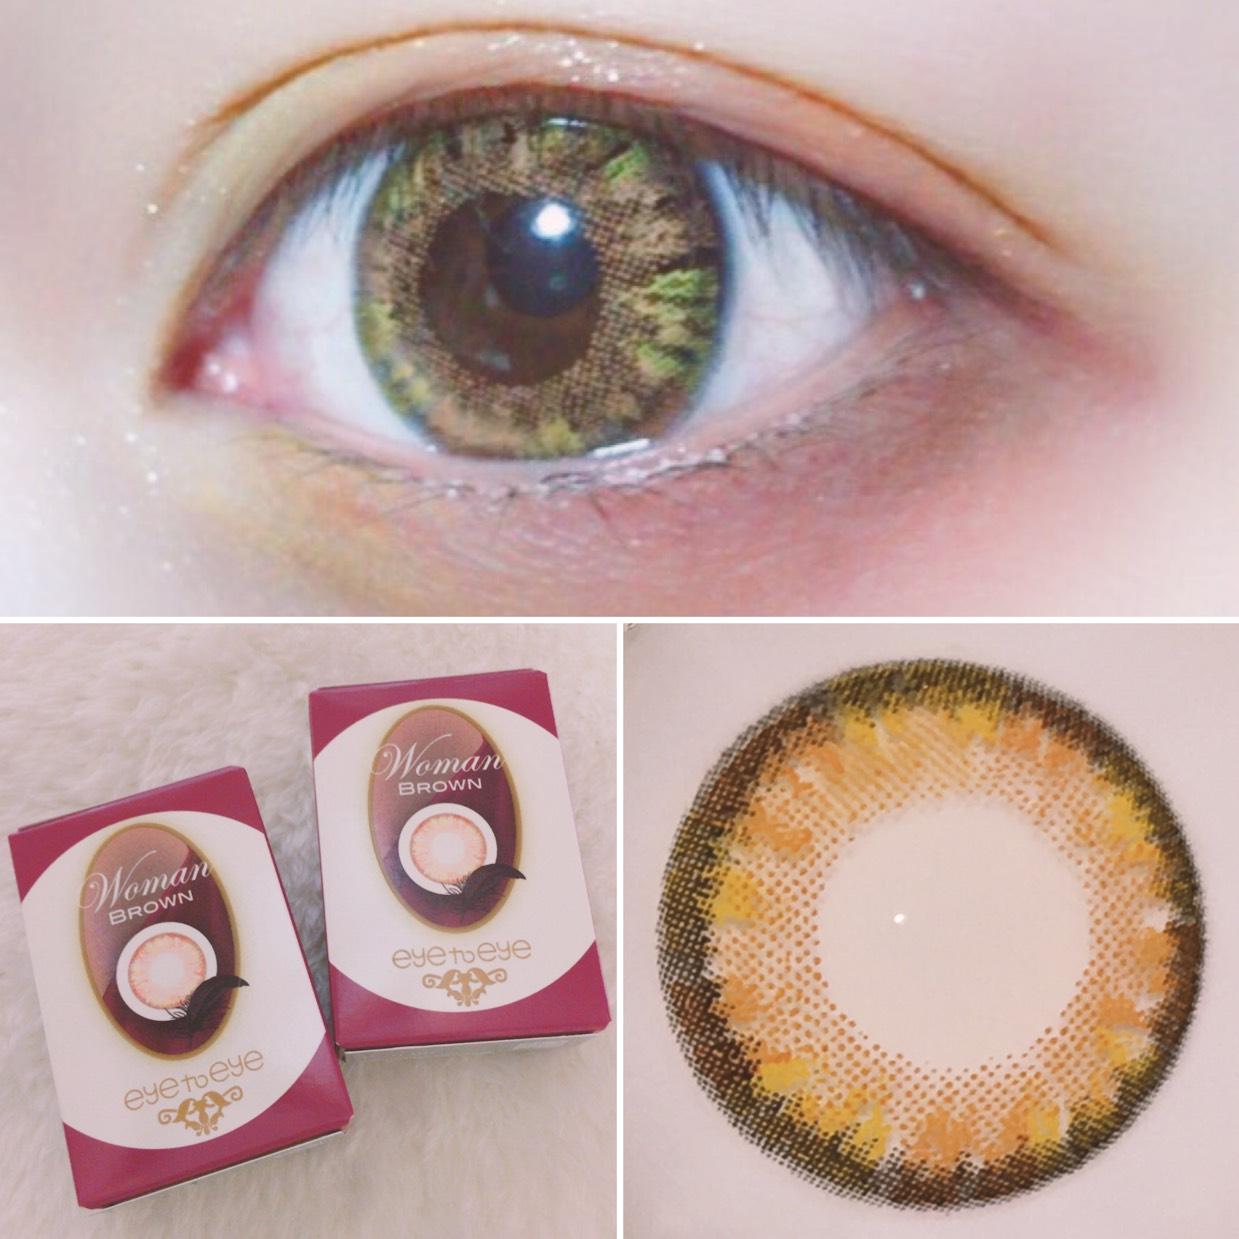 今回使用するカラコンはこちら。 「eye to eye ( BRAUN ) 」 メイクに合わせてオレンジ味のあるブラウンに。私の黒目が暗く落ち着きのある色になりさりげなくグリーン感もあるのでメイクと合ってさらにかわいい◎